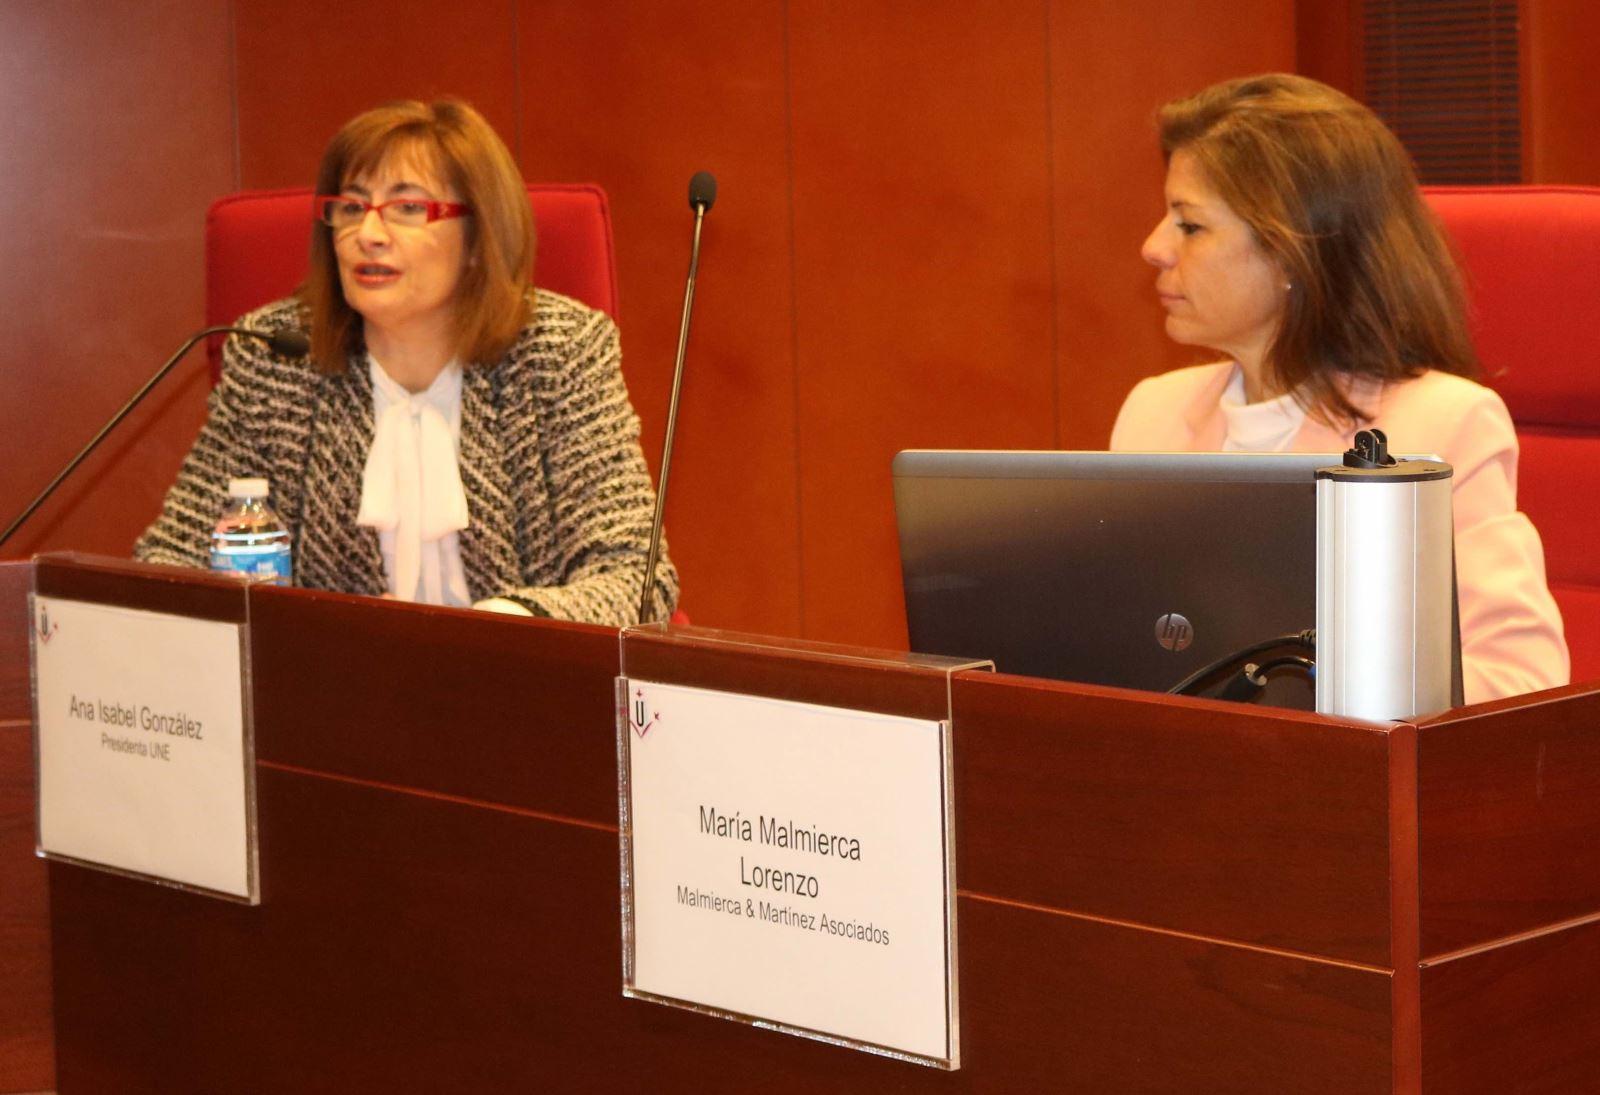 La presidenta de la UNE, Ana Isabel González (i), y la abogada María Malmierca (d) en unas jornadas sobre propiedad intelectual.